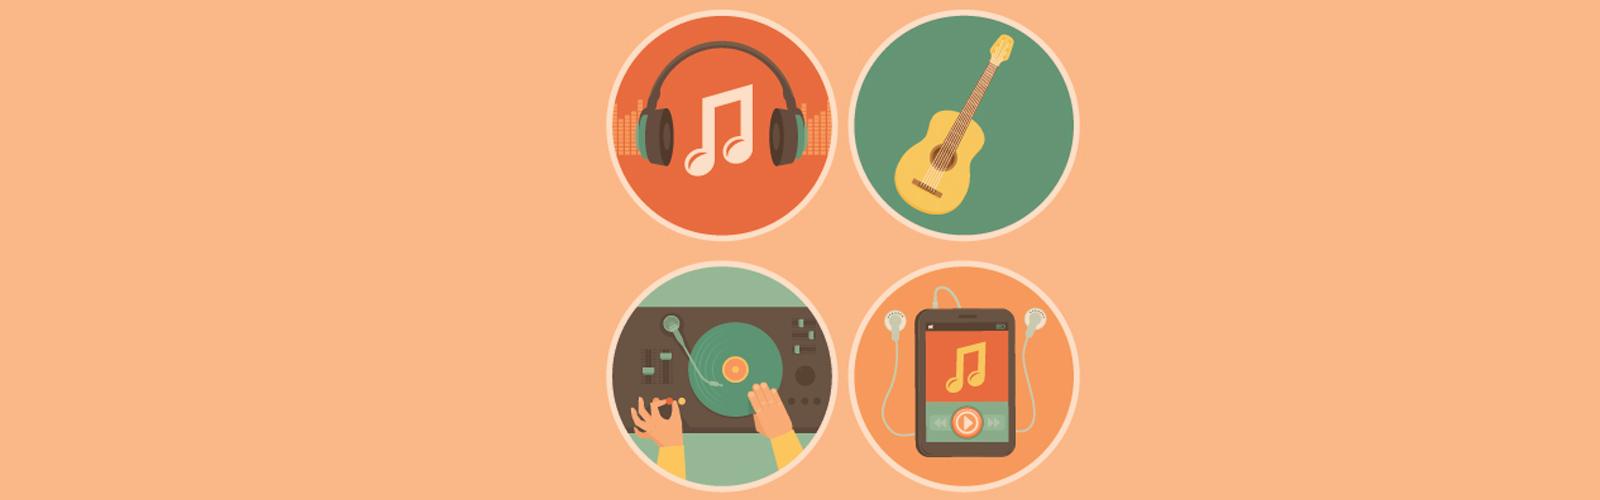 Tout ce qu'il faut savoir pour distribuer sa musique en ligne